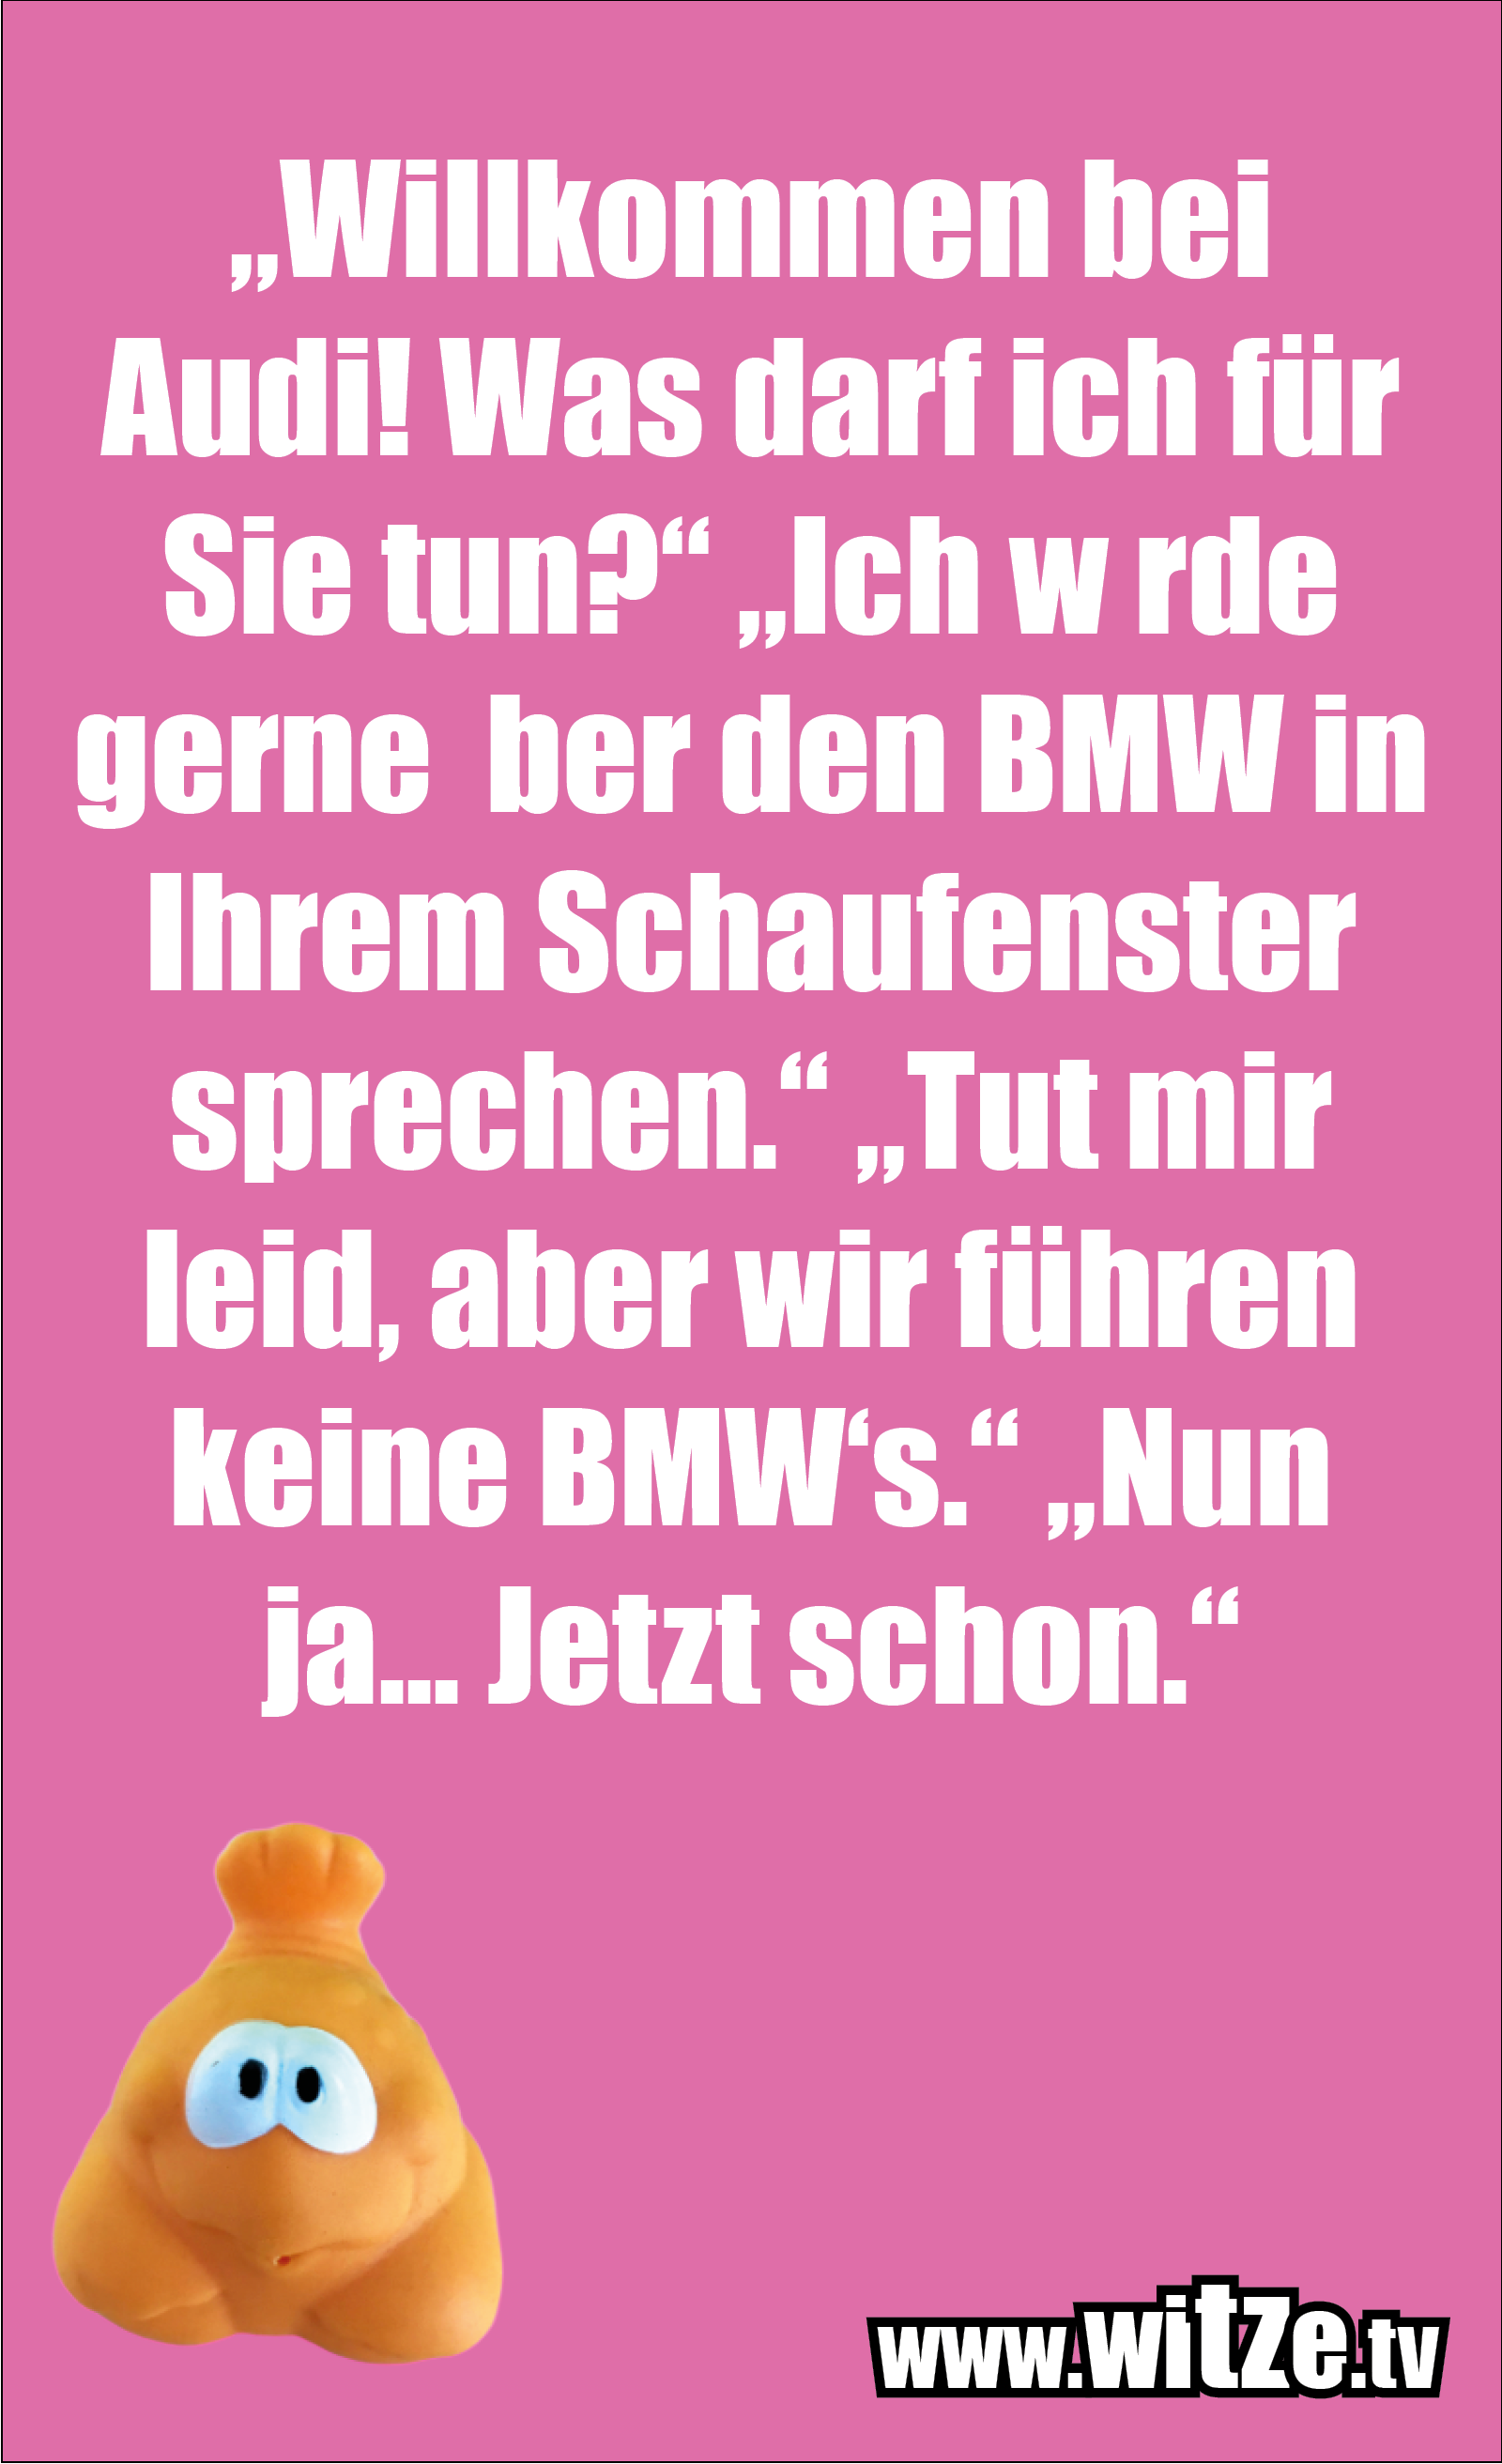 Muttis Witze... Willkommen bei Audi...